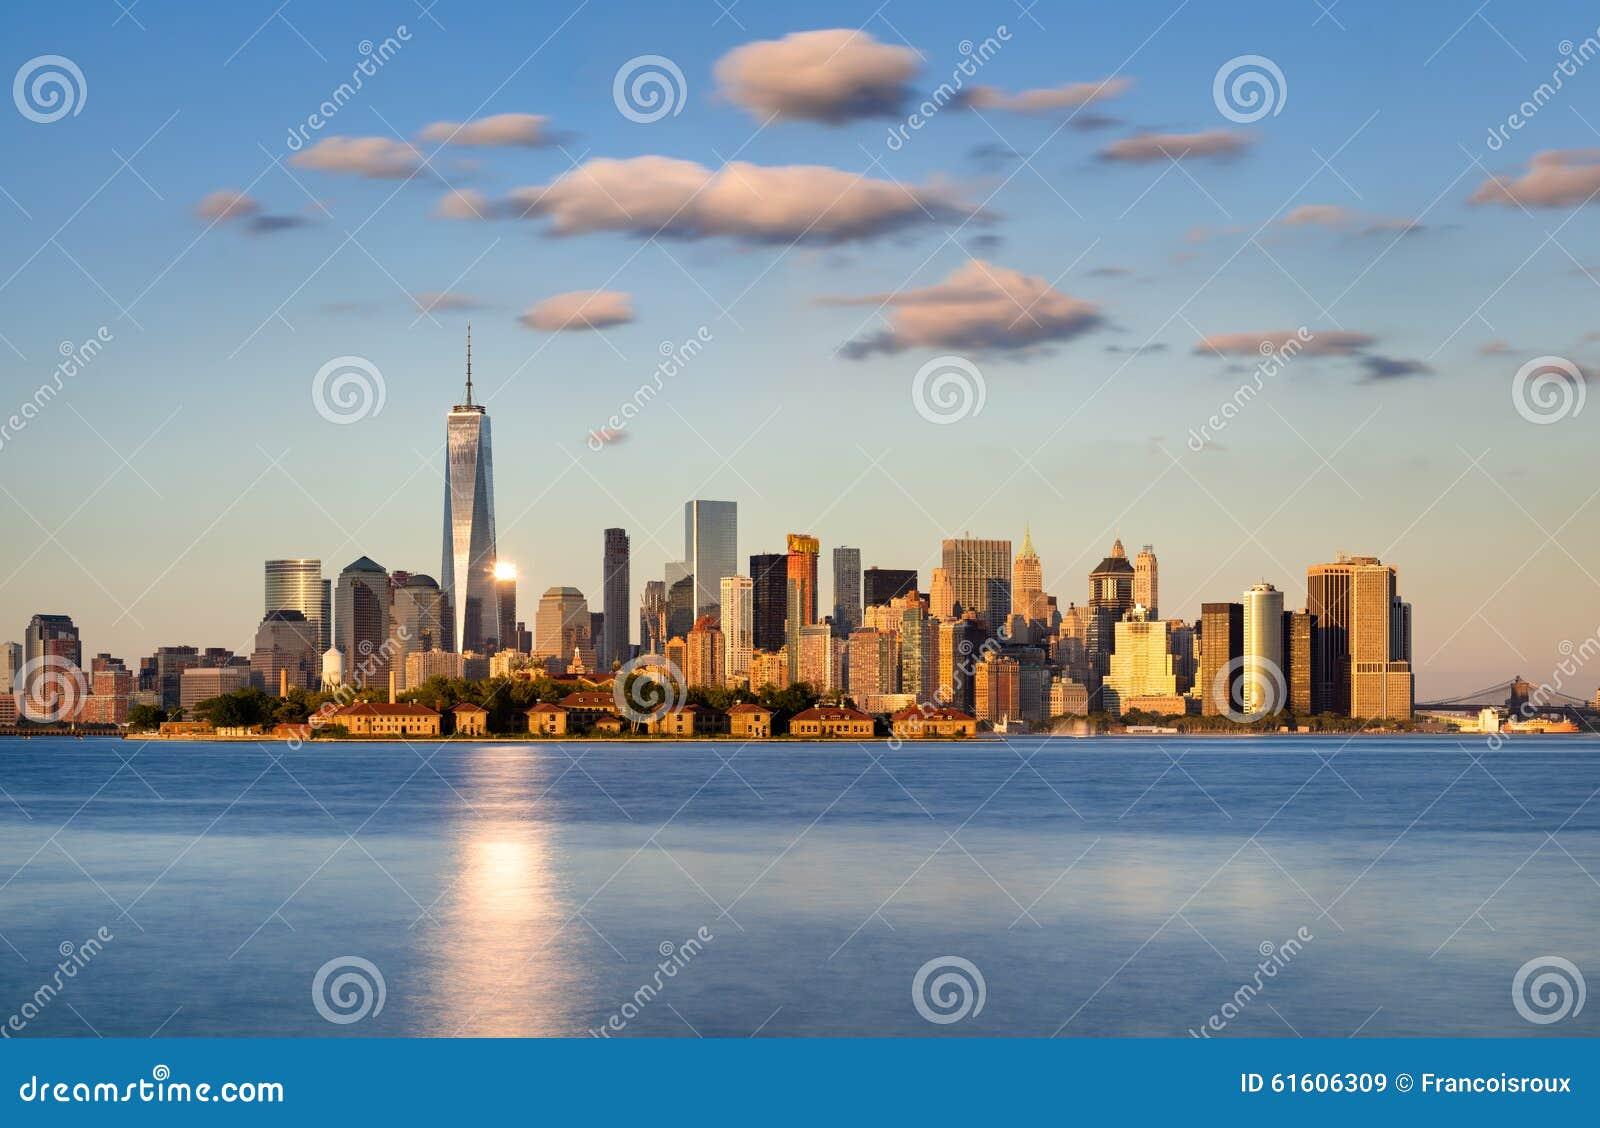 Понизьте небоскребы Манхаттана на заходе солнца горизонт york города новый